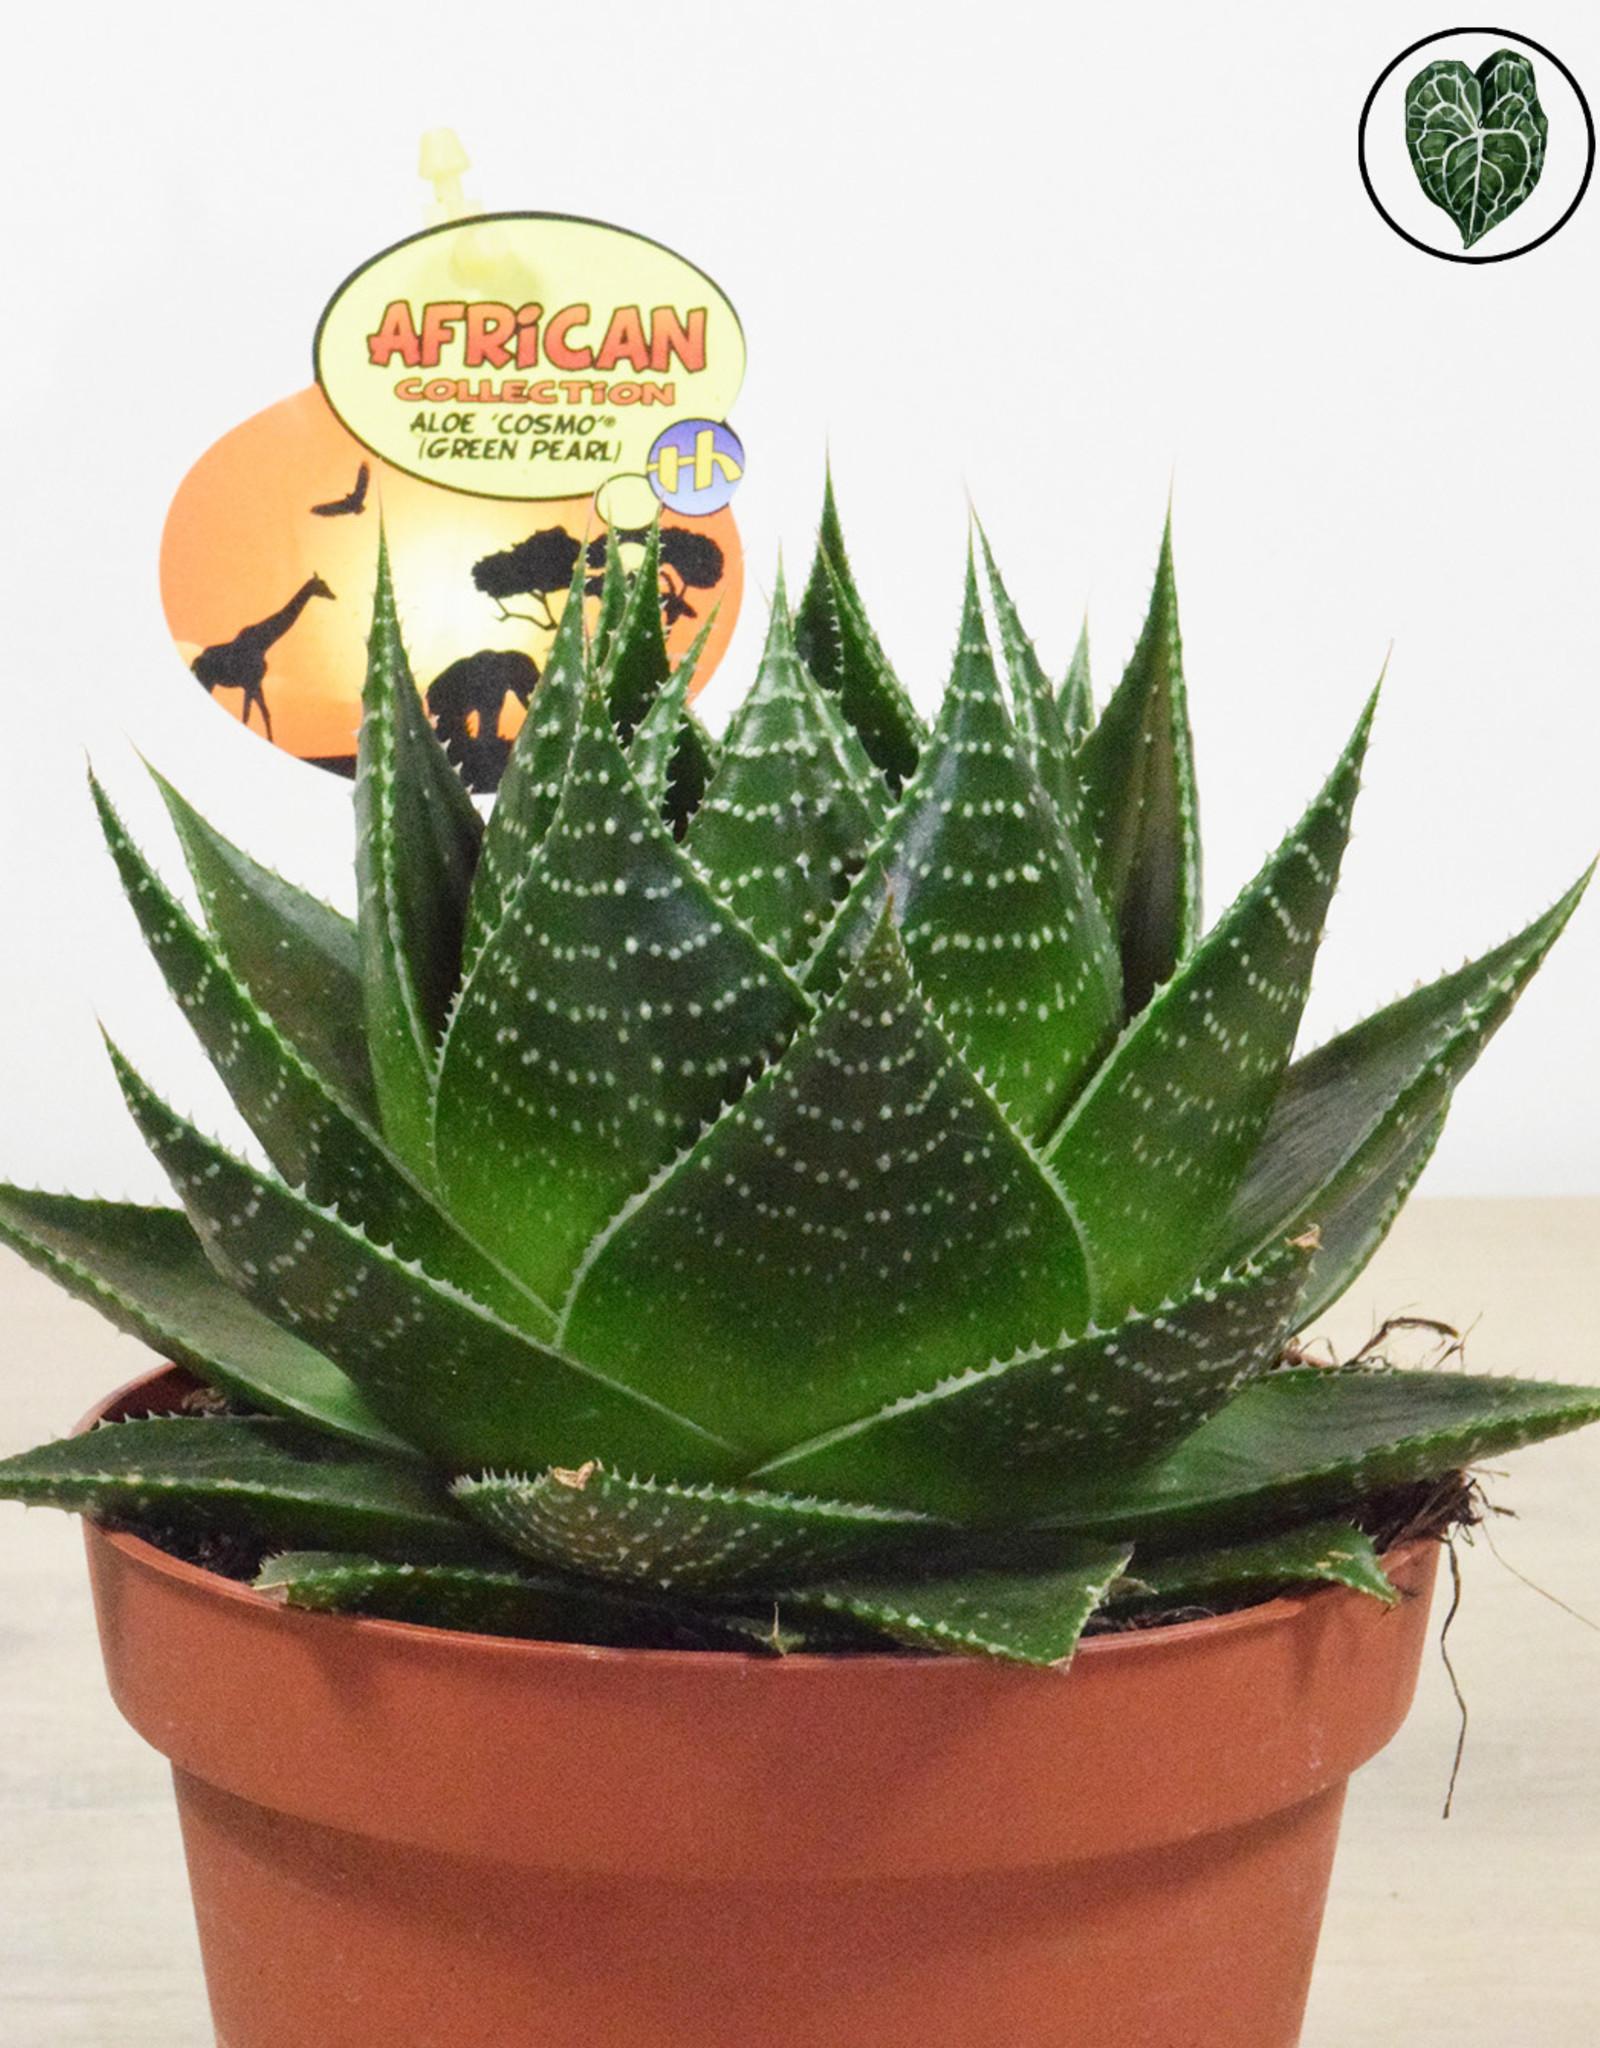 Aloë Aloe Cosmo - Aristata